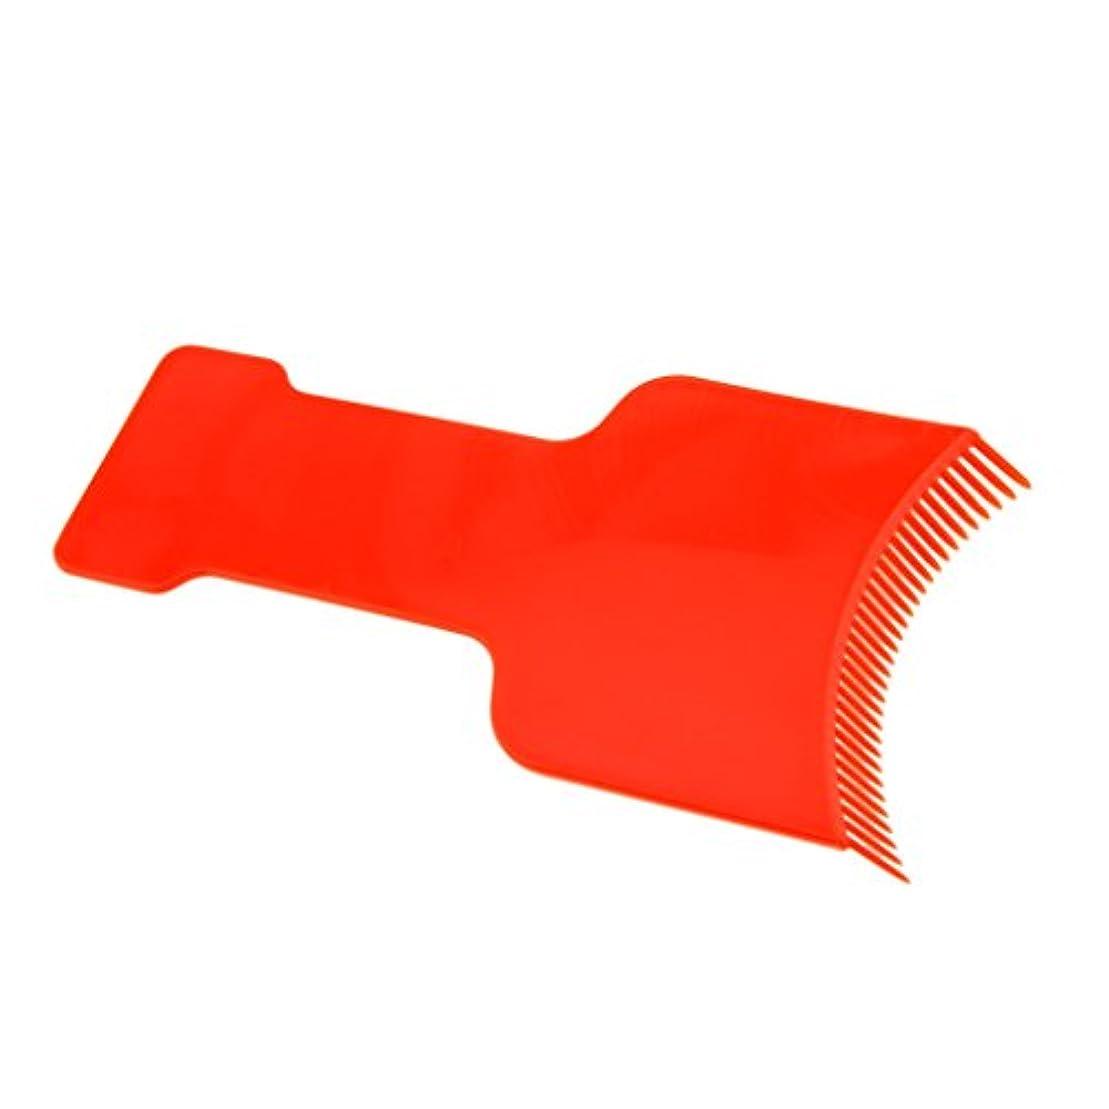 差別する委員会アナウンサーヘアカラーボード サロン ヘアカラー ボード ヘアカラーティントプレート 理髪 美容院